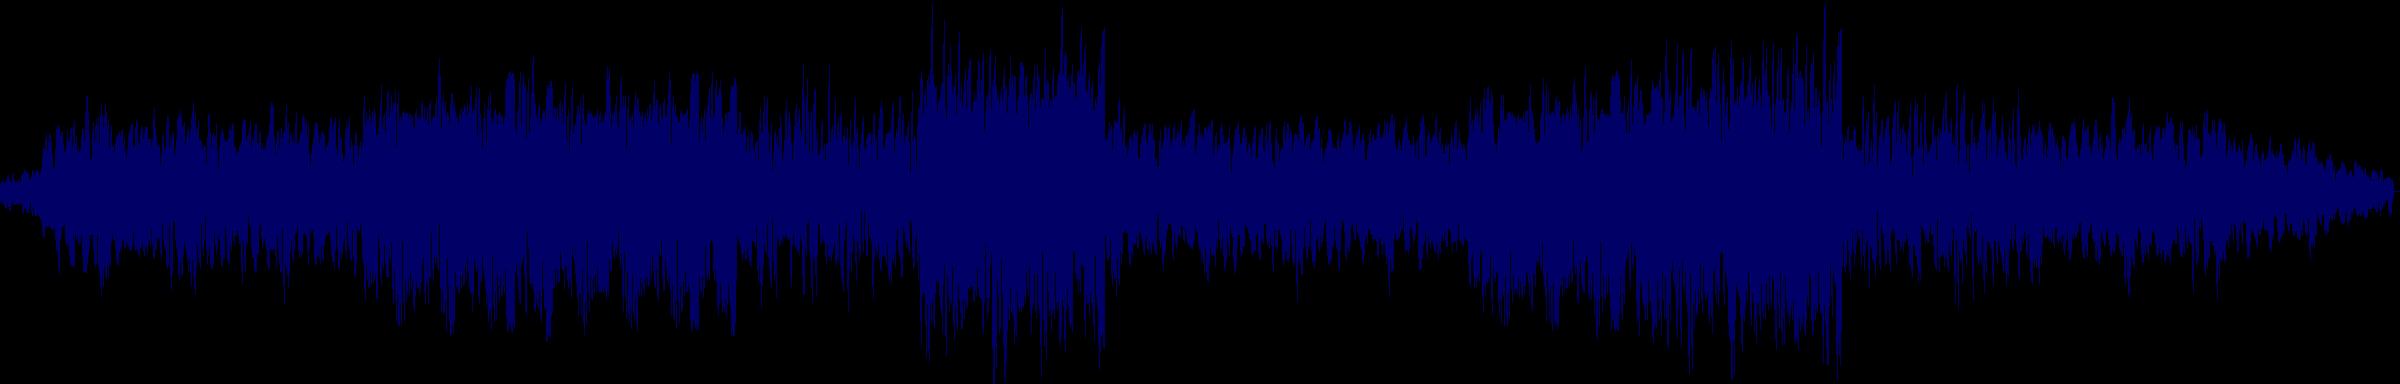 waveform of track #104103